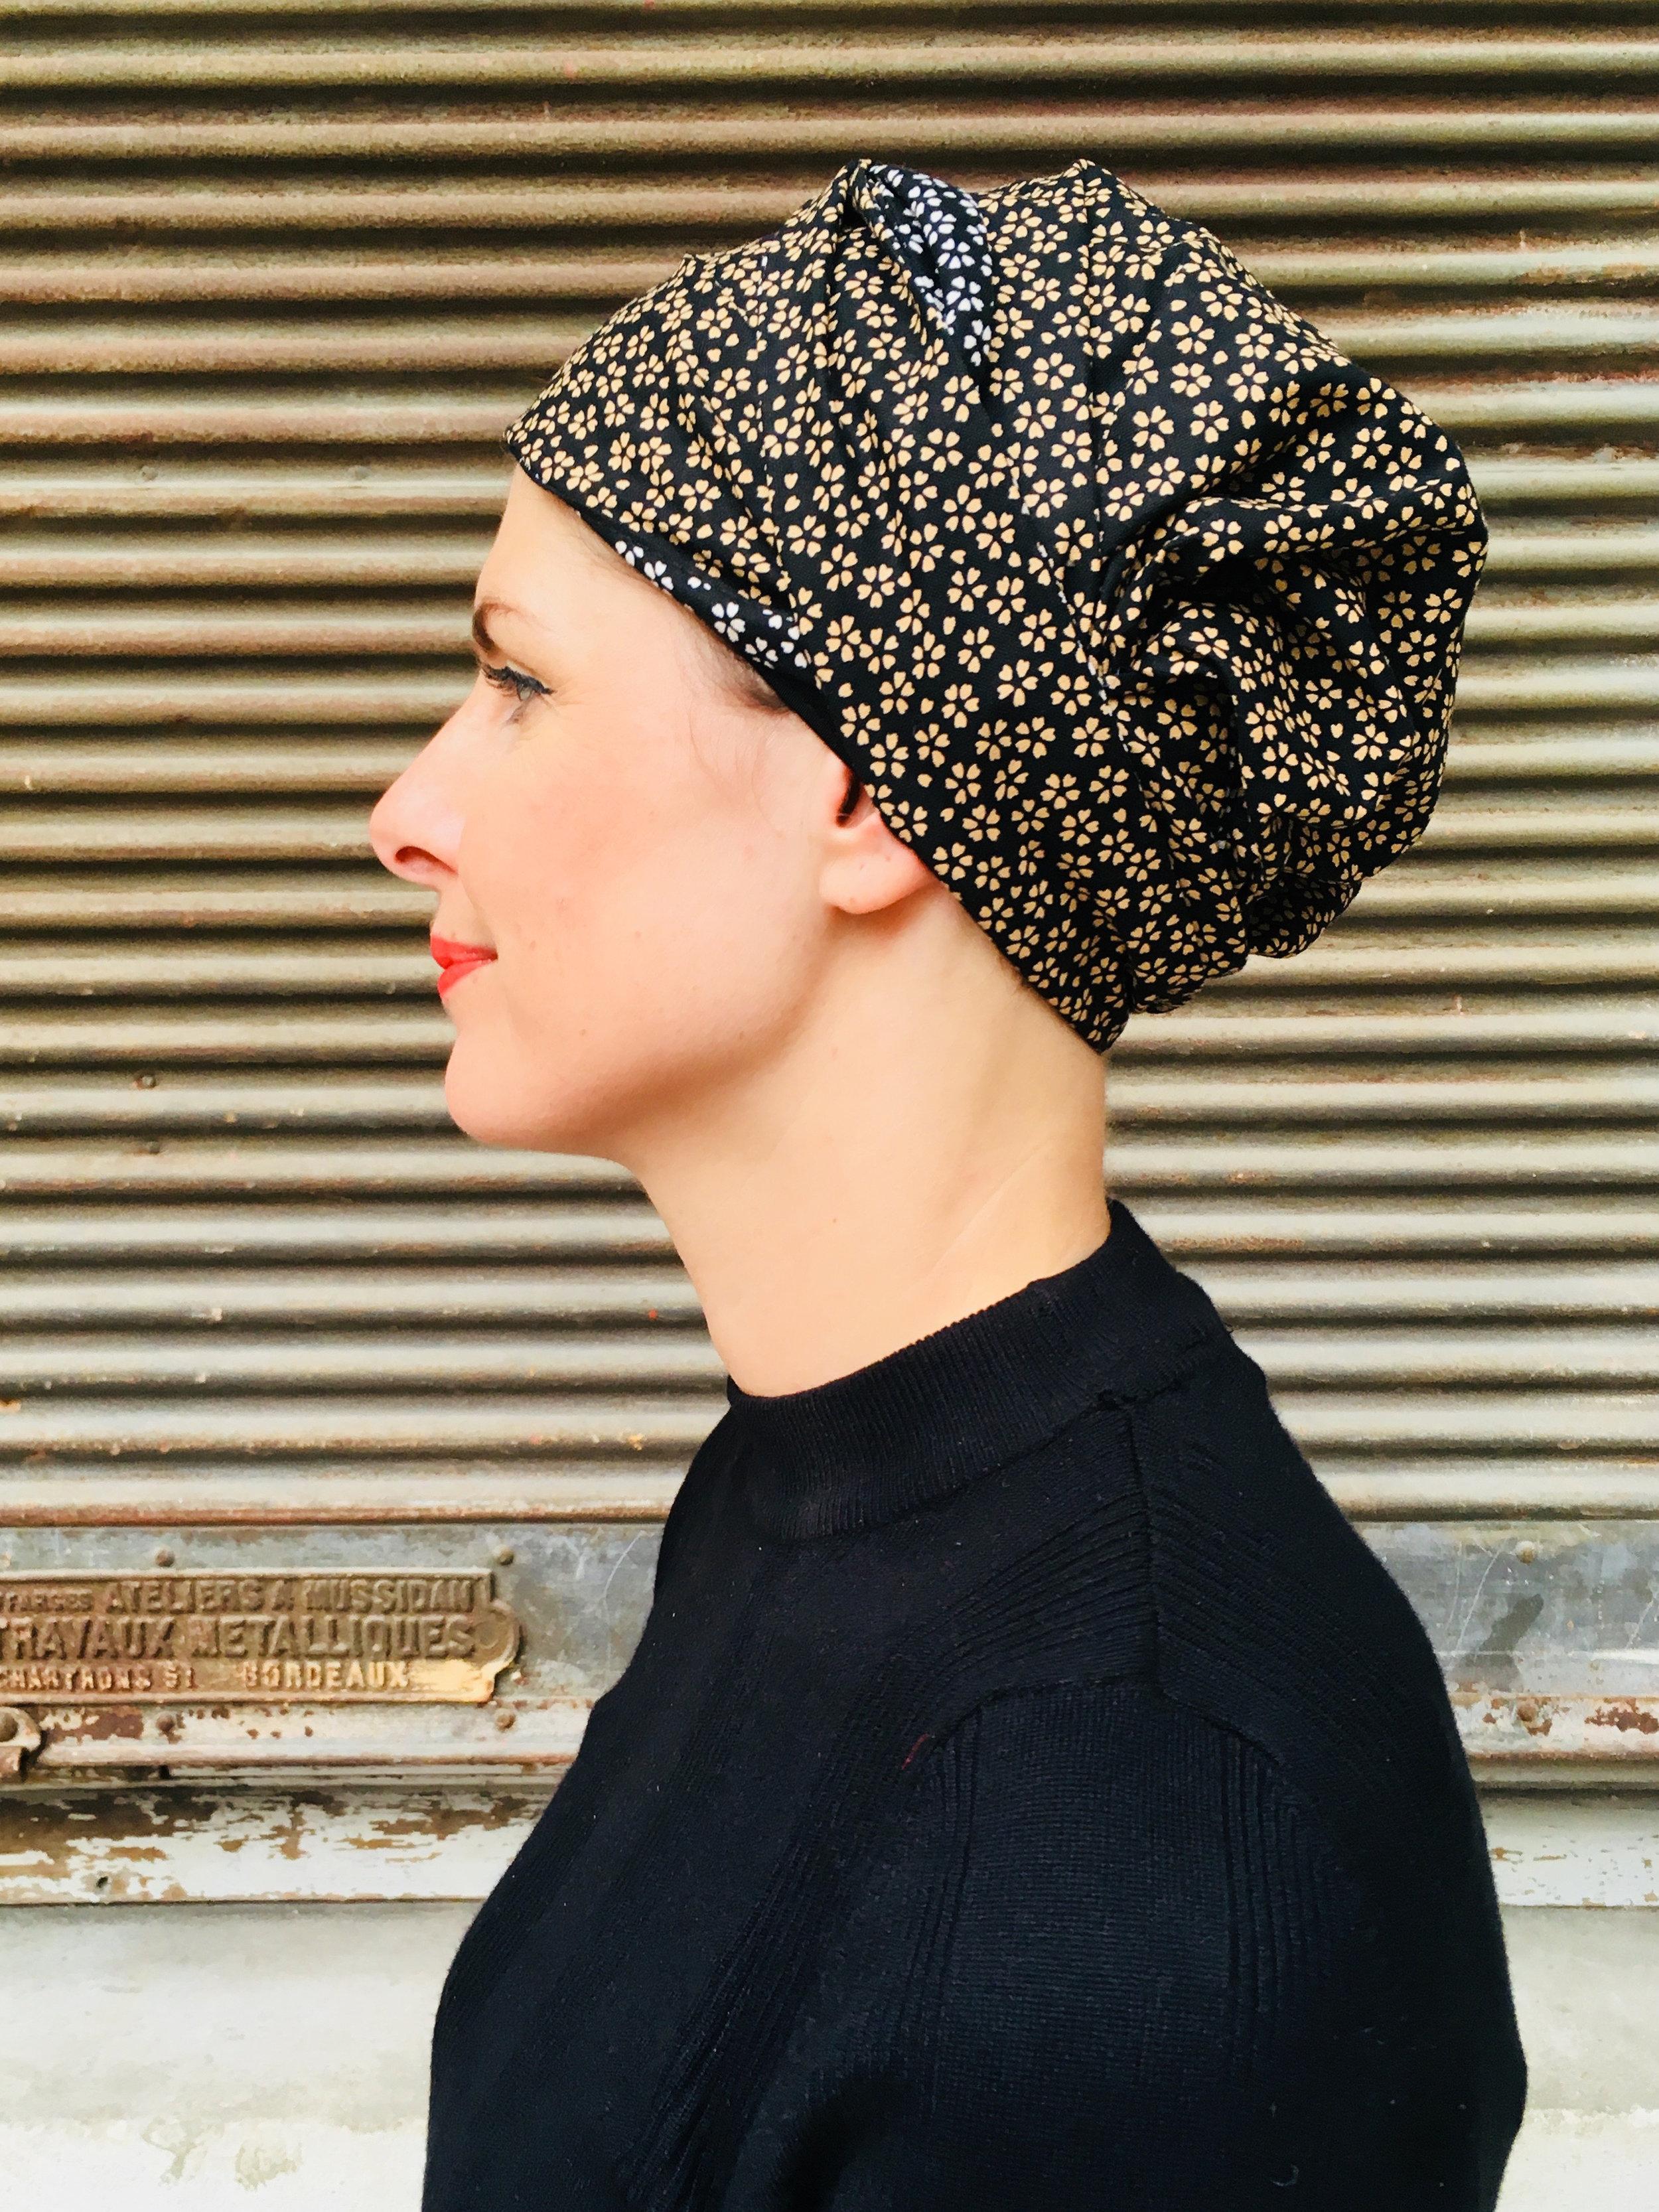 bandeau-chimiotherapie-coton-fleurs-chic-noir-2.jpg